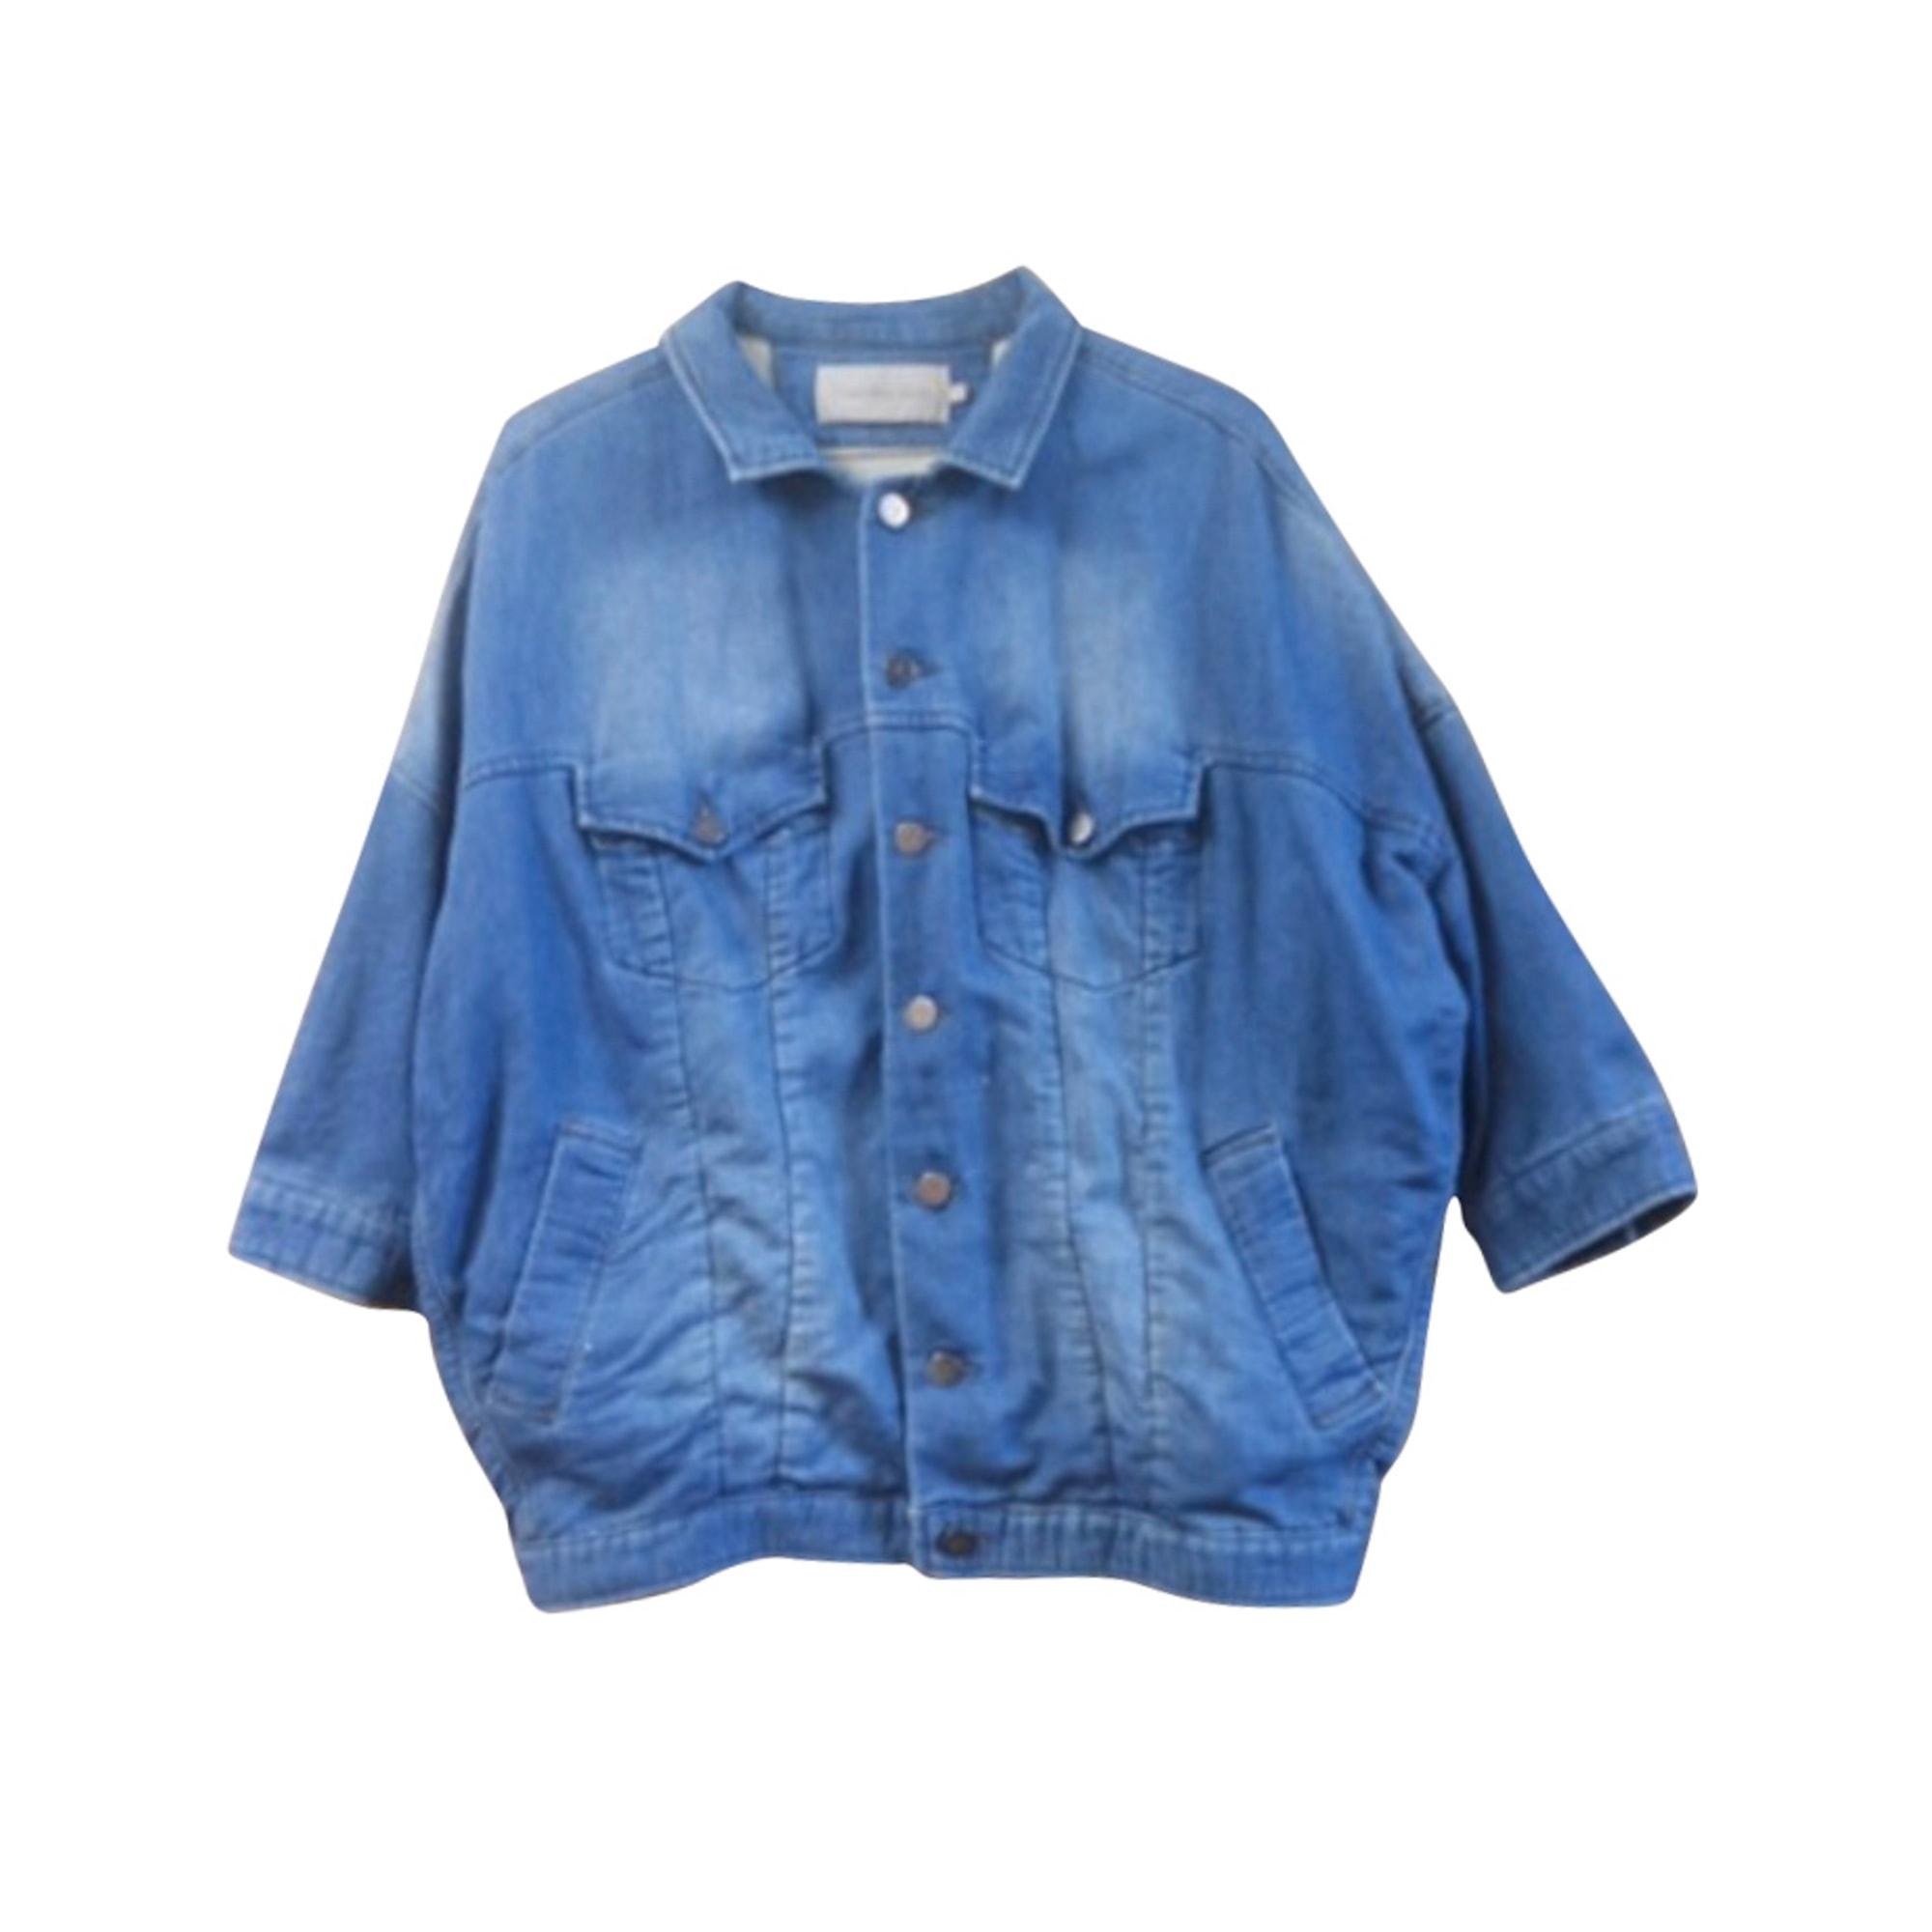 Veste en jean CALVIN KLEIN Bleu, bleu marine, bleu turquoise